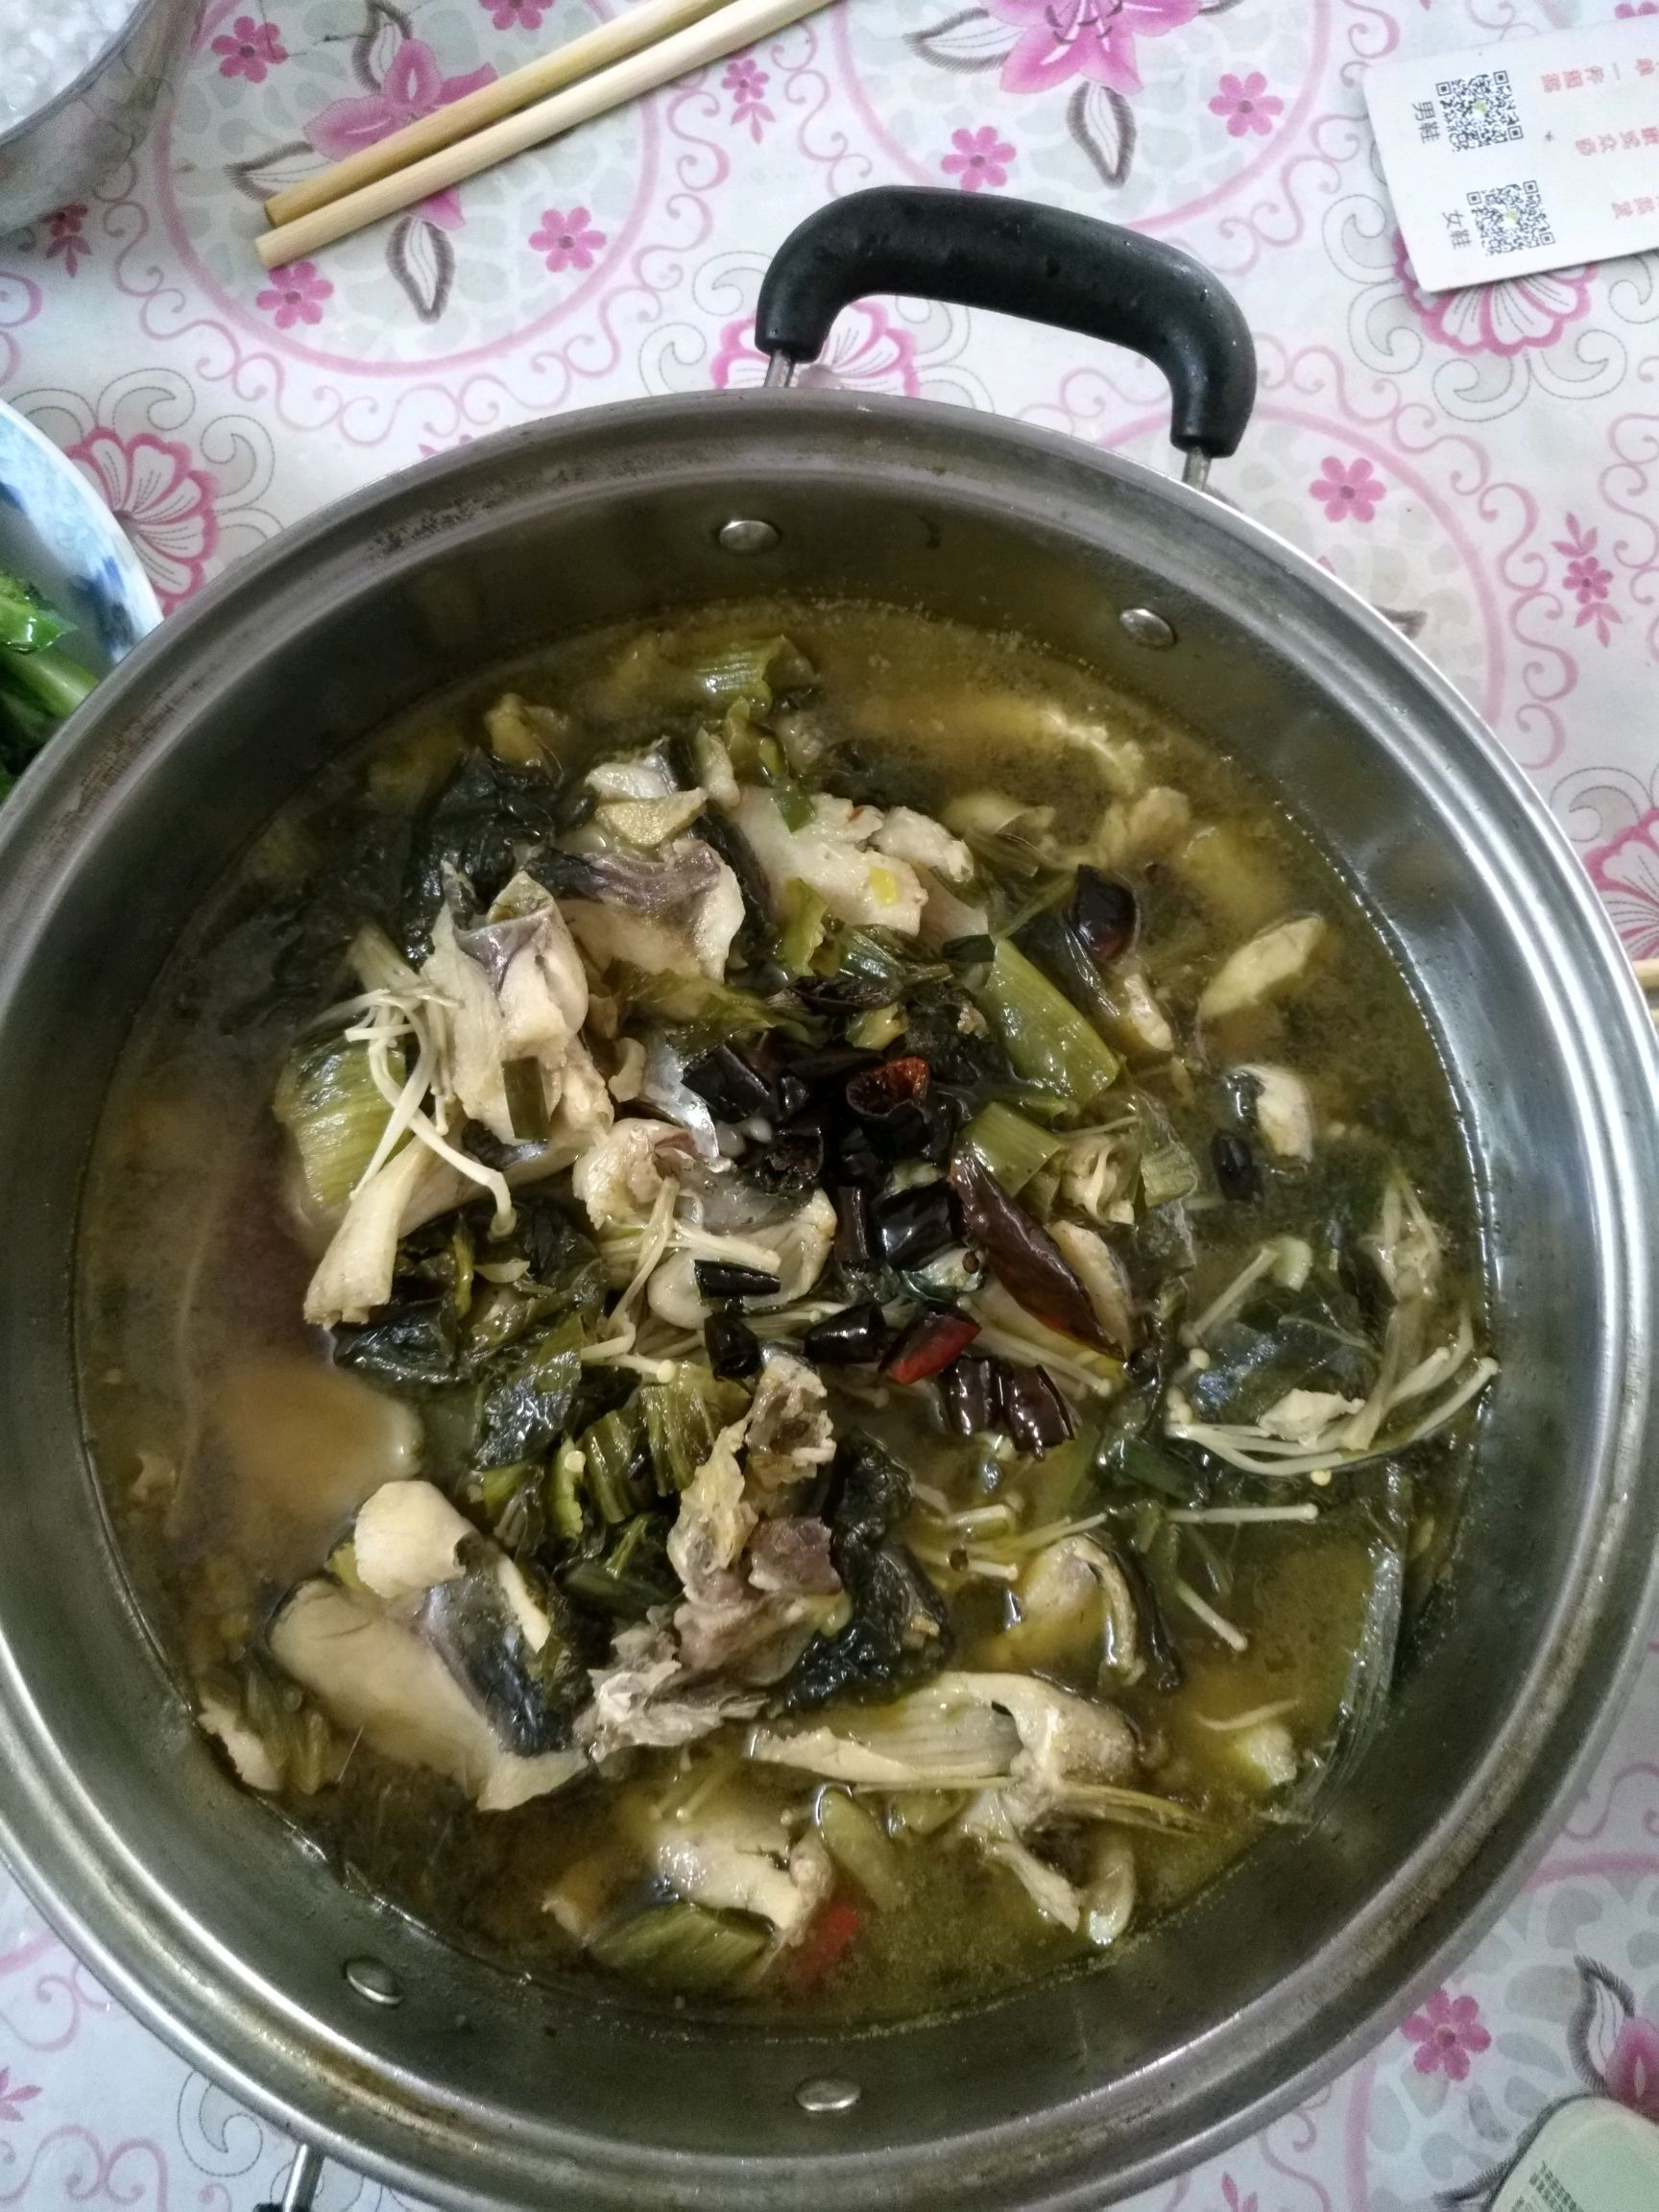 第一,先把酸菜洗一下。把小米辣剁成锻,把才切好。第二把鱼洗干净,用盐料酒,鸡精、姜片、蛋清。腌制一下。把酸菜,小妹辣放锅里。翻炒,切记涮菜里的水、小米辣椒水留着备用。在放些干红辣椒,放如开水。把腌制好的鱼,放到酸菜汤里。炖煮十几分钟,待鱼炖熟。即可。